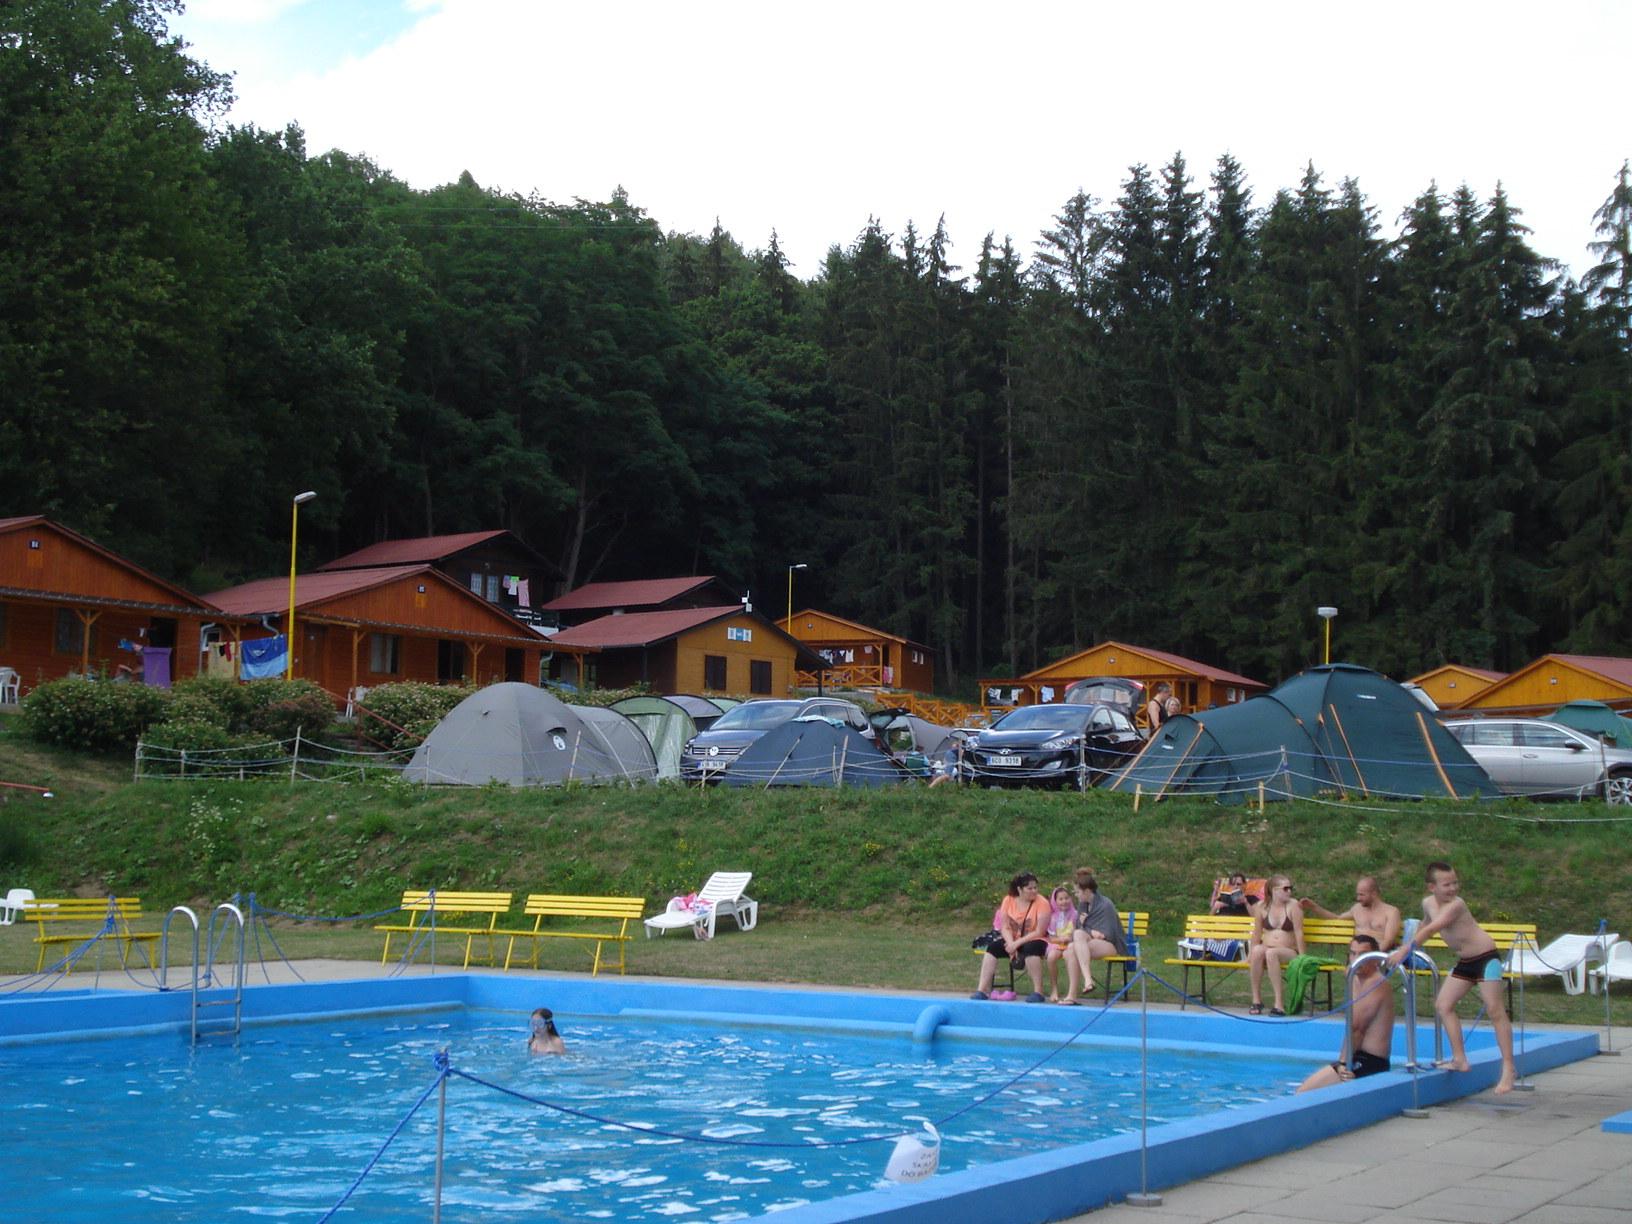 https://www.kempy-chaty.cz/sites/default/files/turistika/kemp_bojkovice_-_stany_a_bazen.jpg